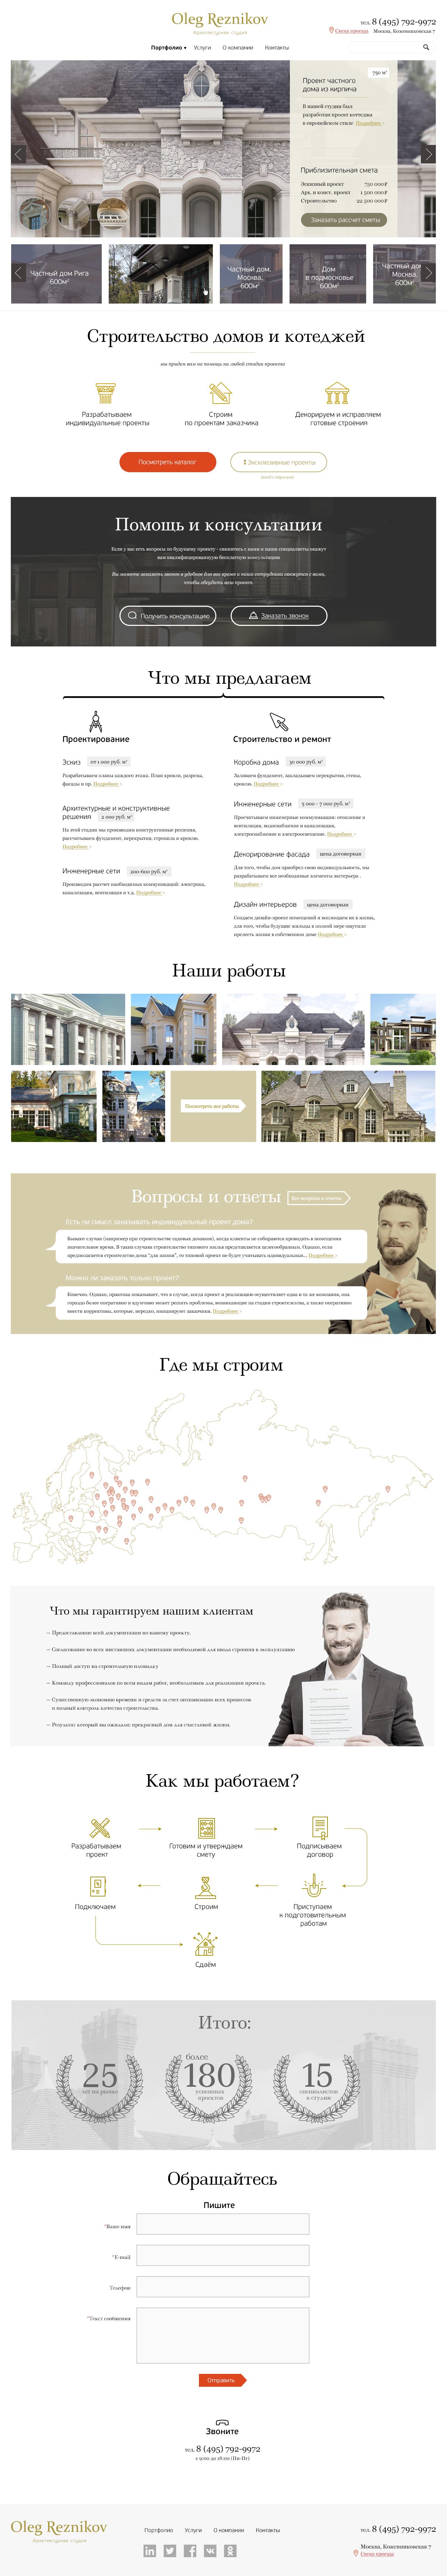 Архитектурная студия Олега Резникова. Москва.